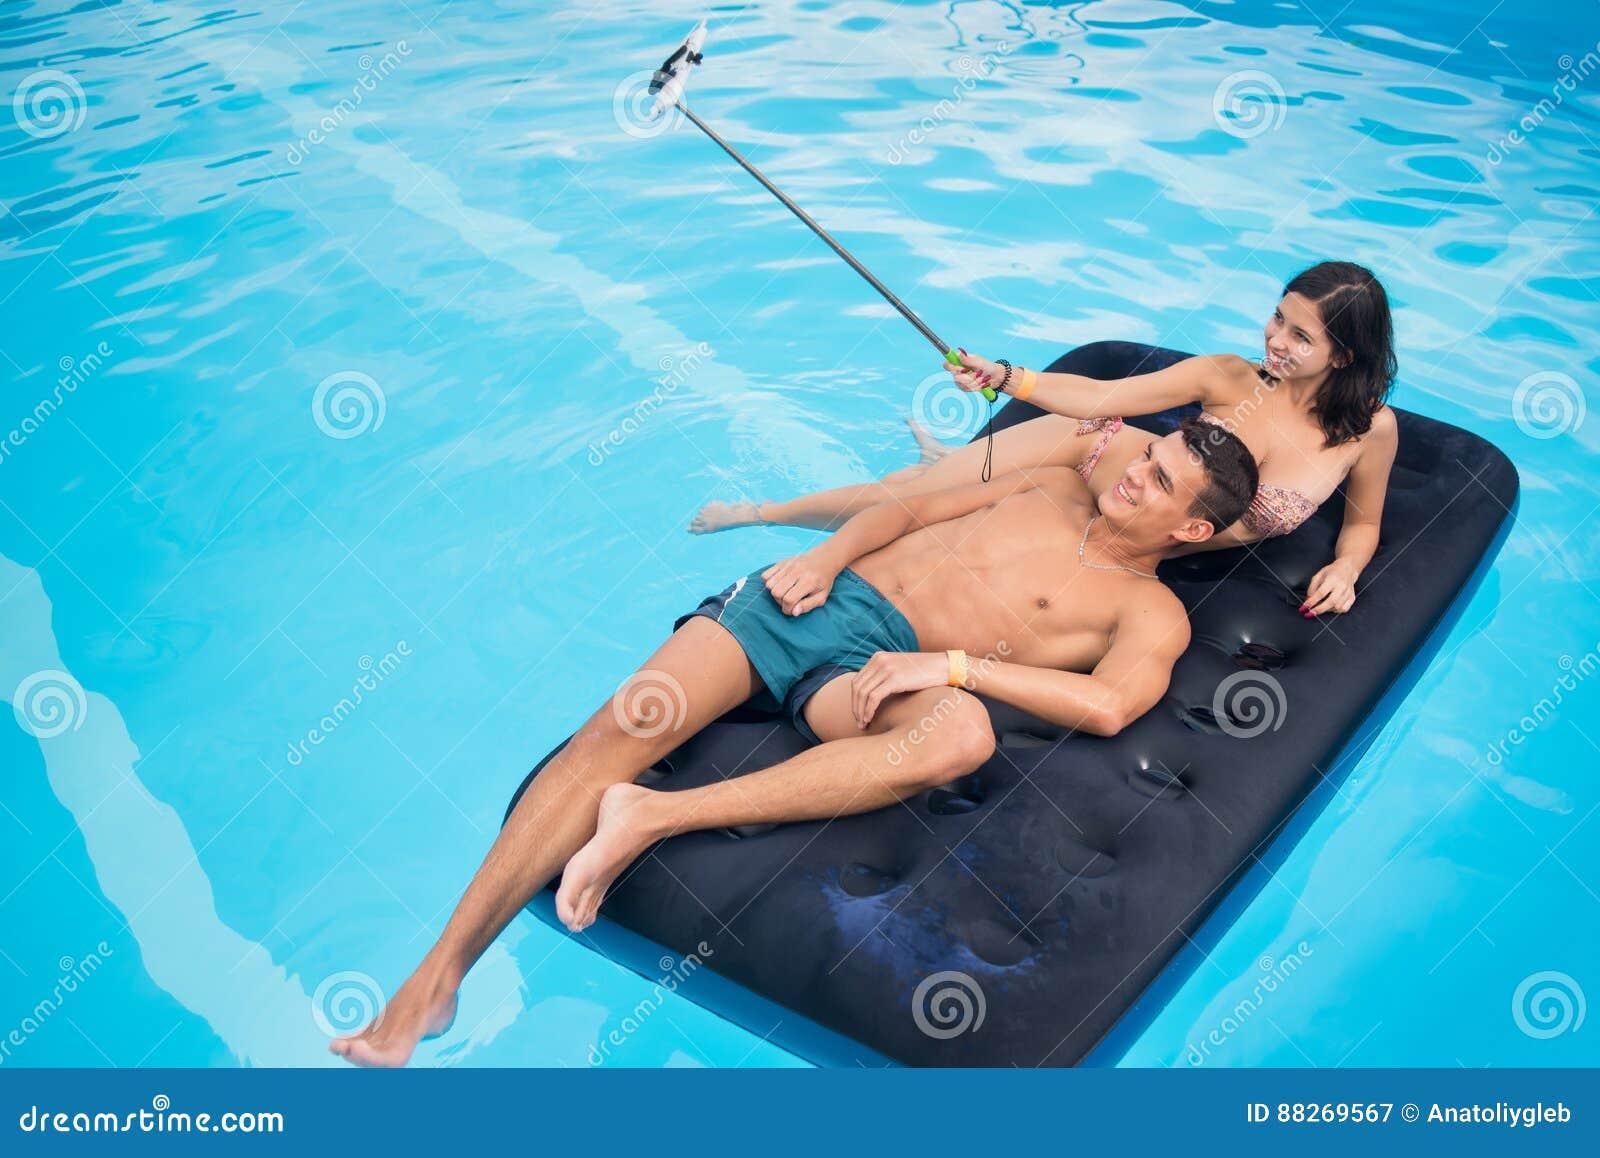 结合漂浮在水池的床垫和拍在电话的selfie照片用selfie棍子他们的暑假